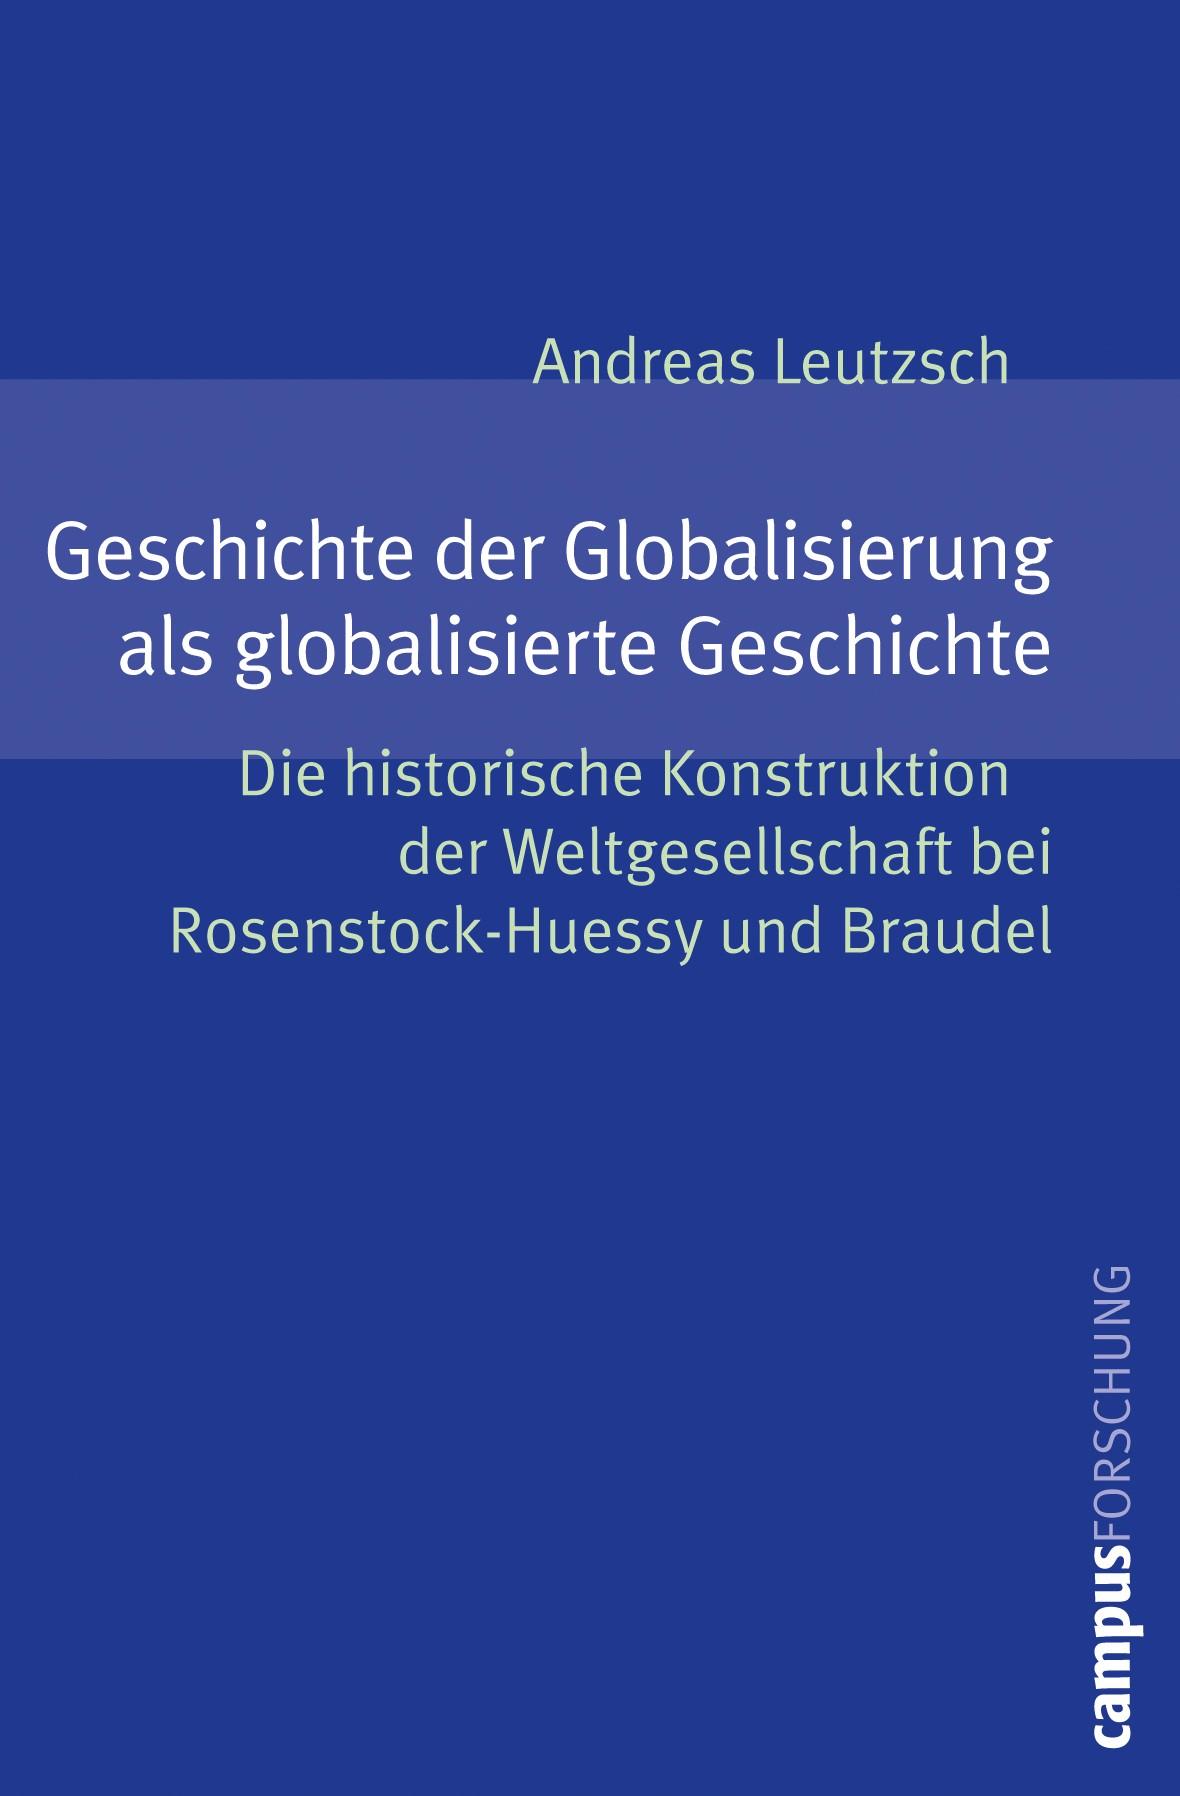 Abbildung von Leutzsch | Geschichte der Globalisierung als globalisierte Geschichte | 2009